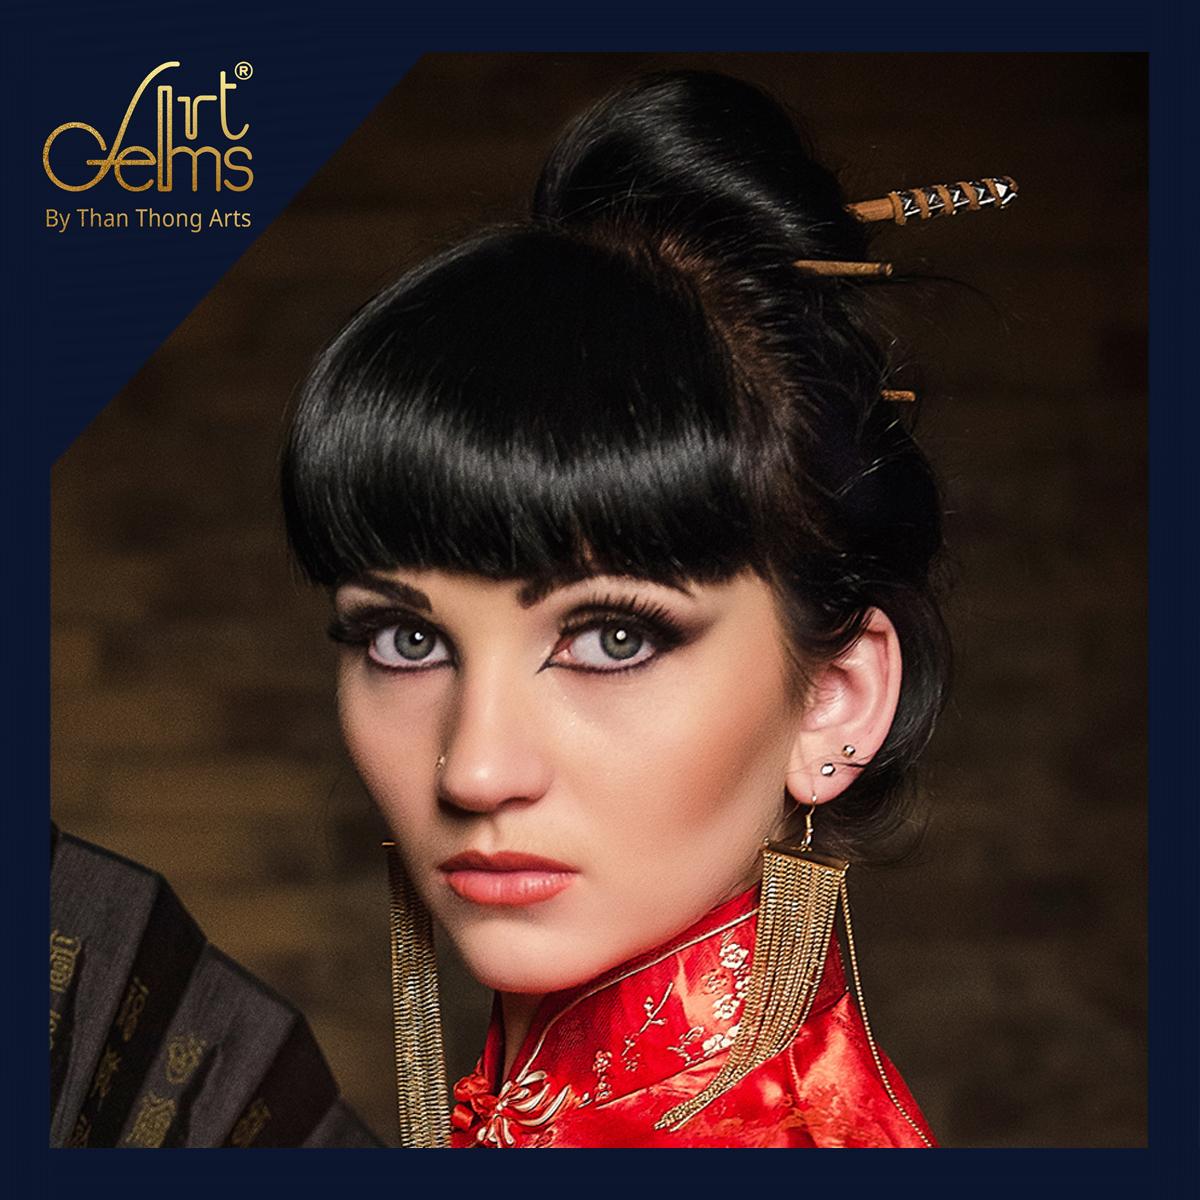 เรื่องเล่าจาก GemsArt EP. 5 : 'ปิ่นปักผม' สำคัญกับหญิงสาวชาวจีนอย่างไร?